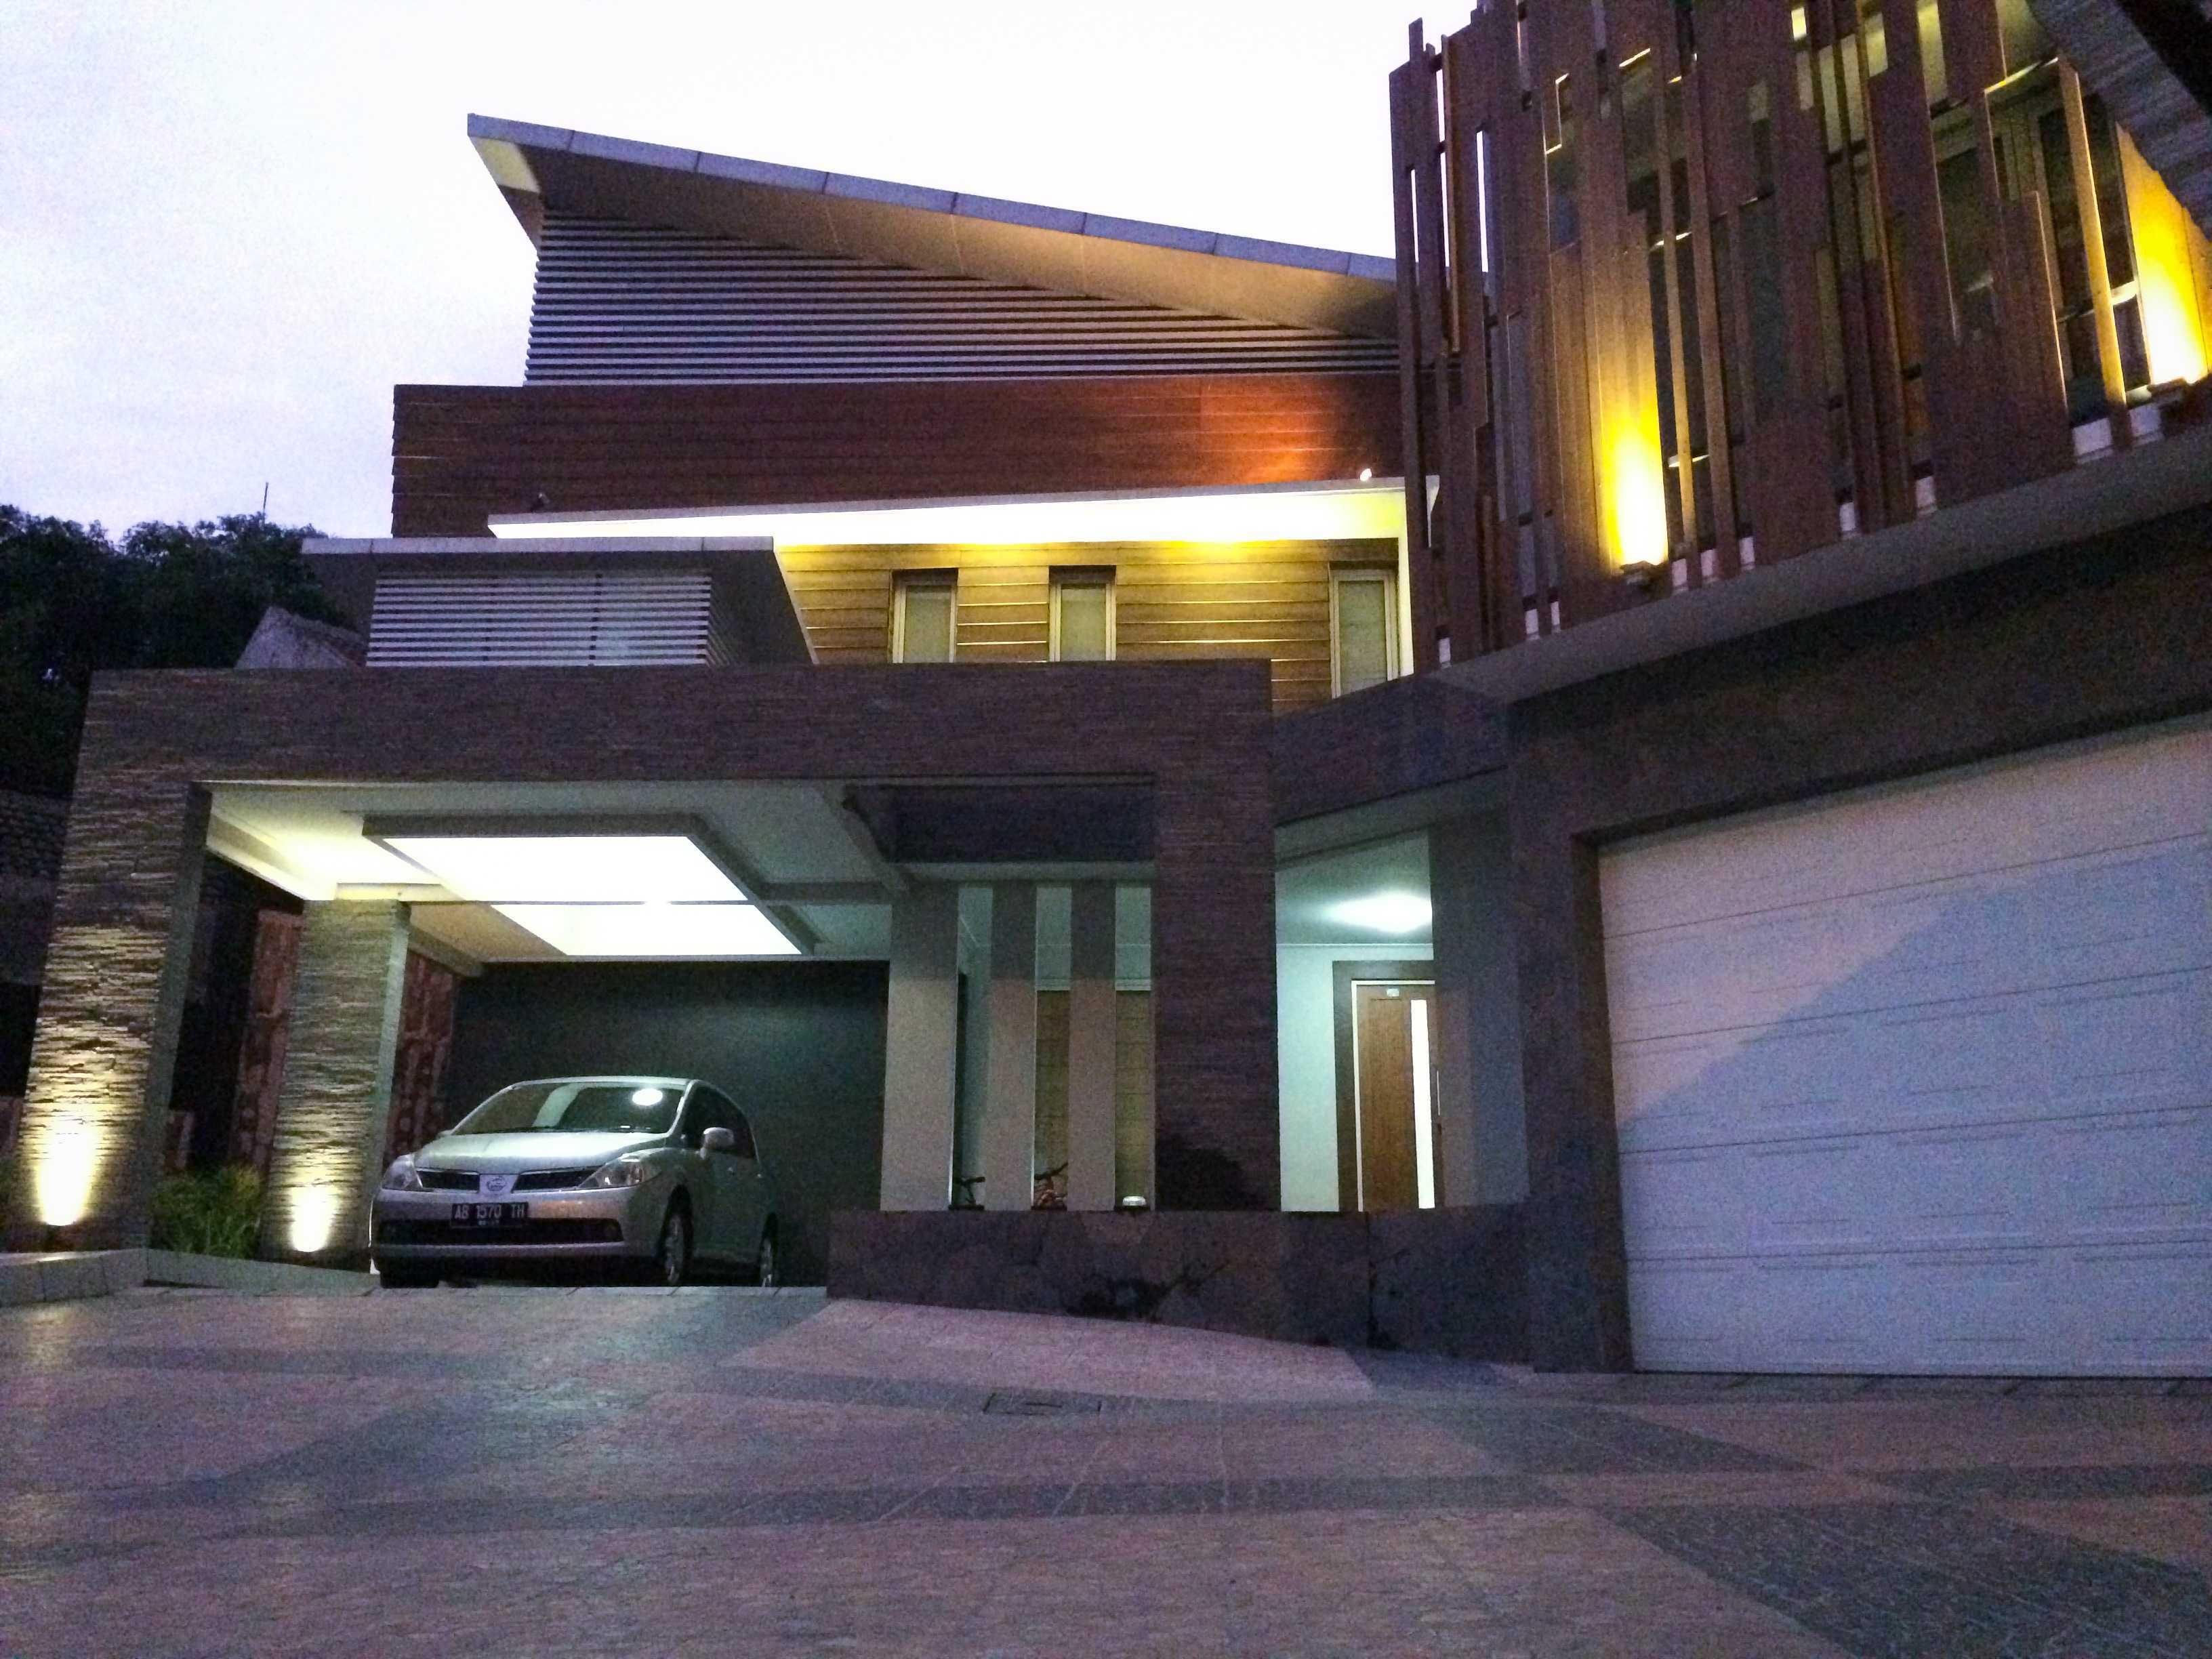 Hbarsitekplus Rumah Minggiran Yogyakarta Yogyakarta Front View Kontemporer  15237